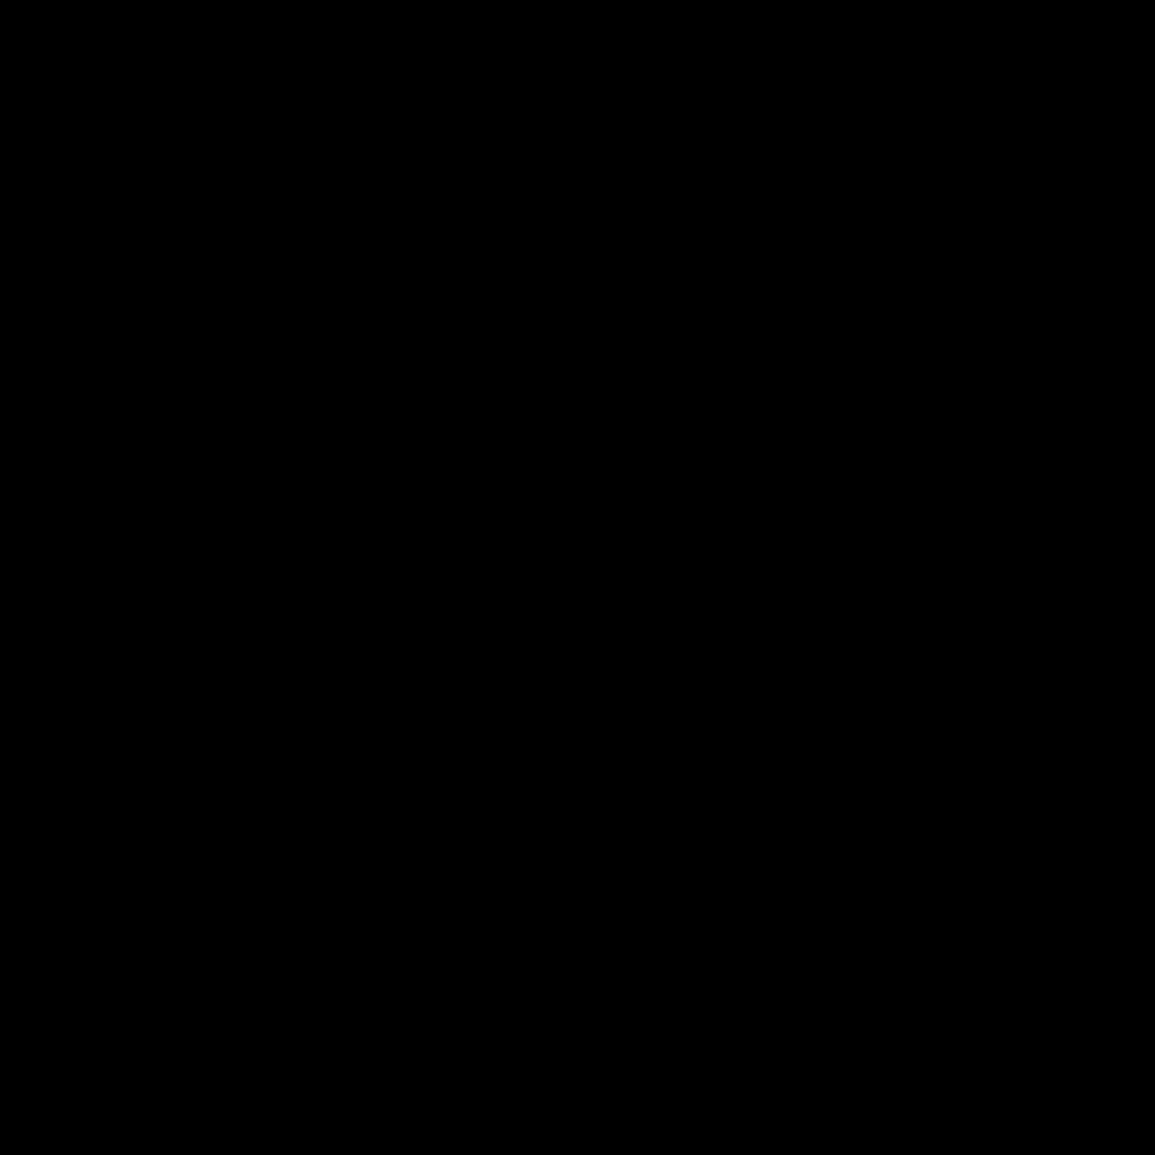 タイポス 88 TY88 字形見本